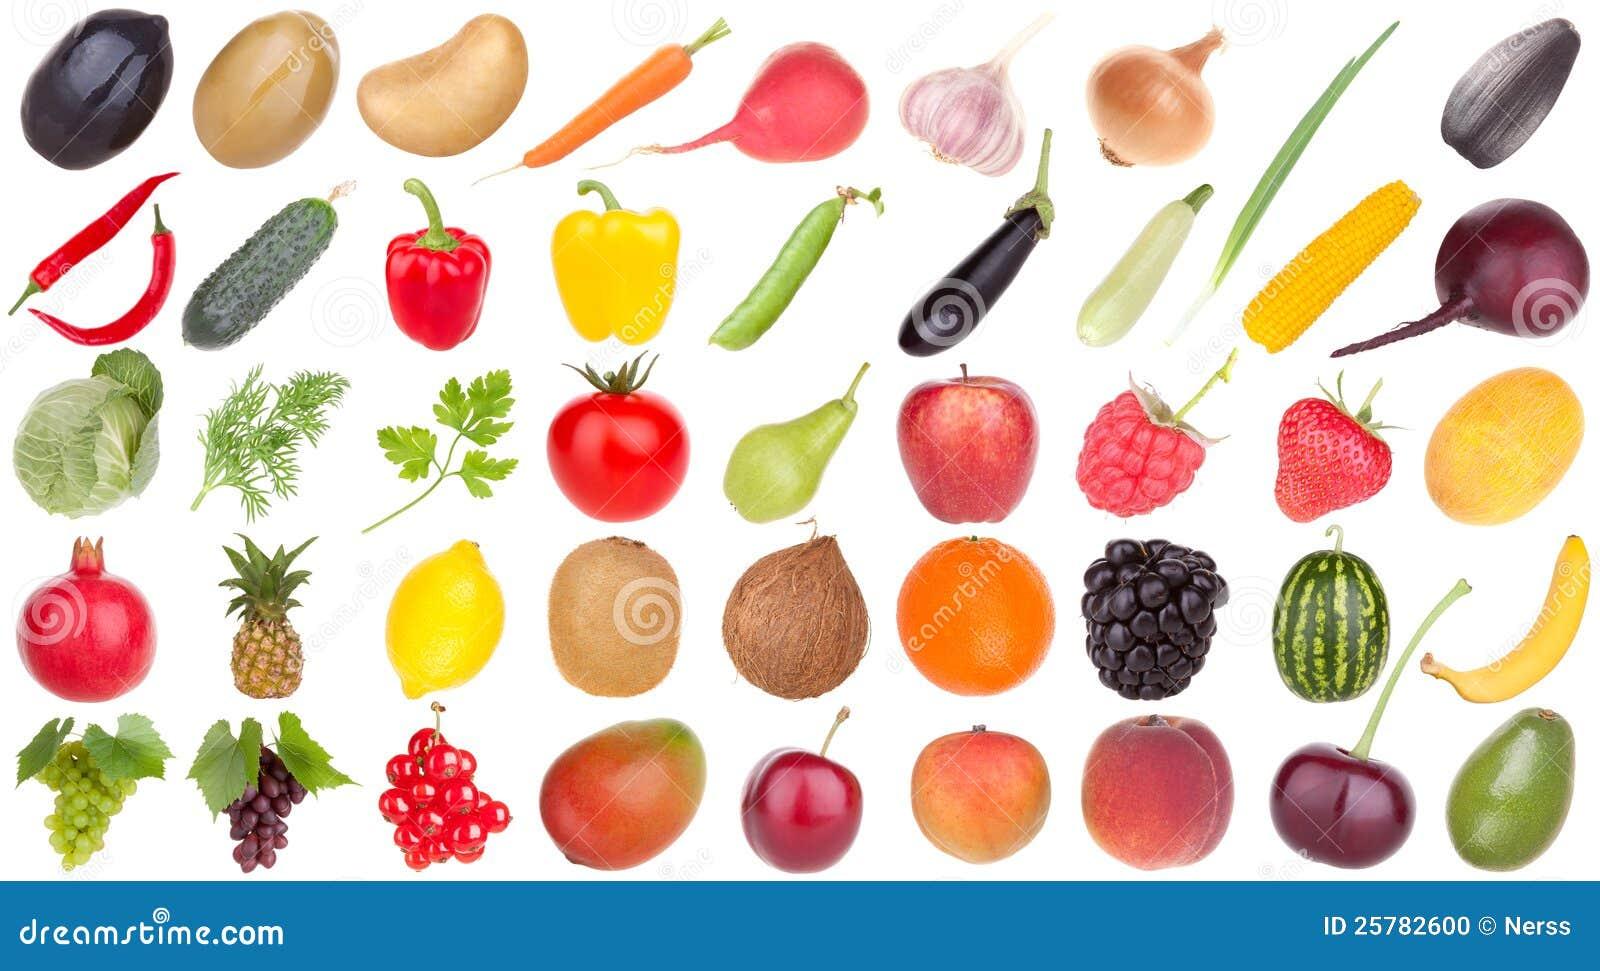 Alimento de las frutas y verdura